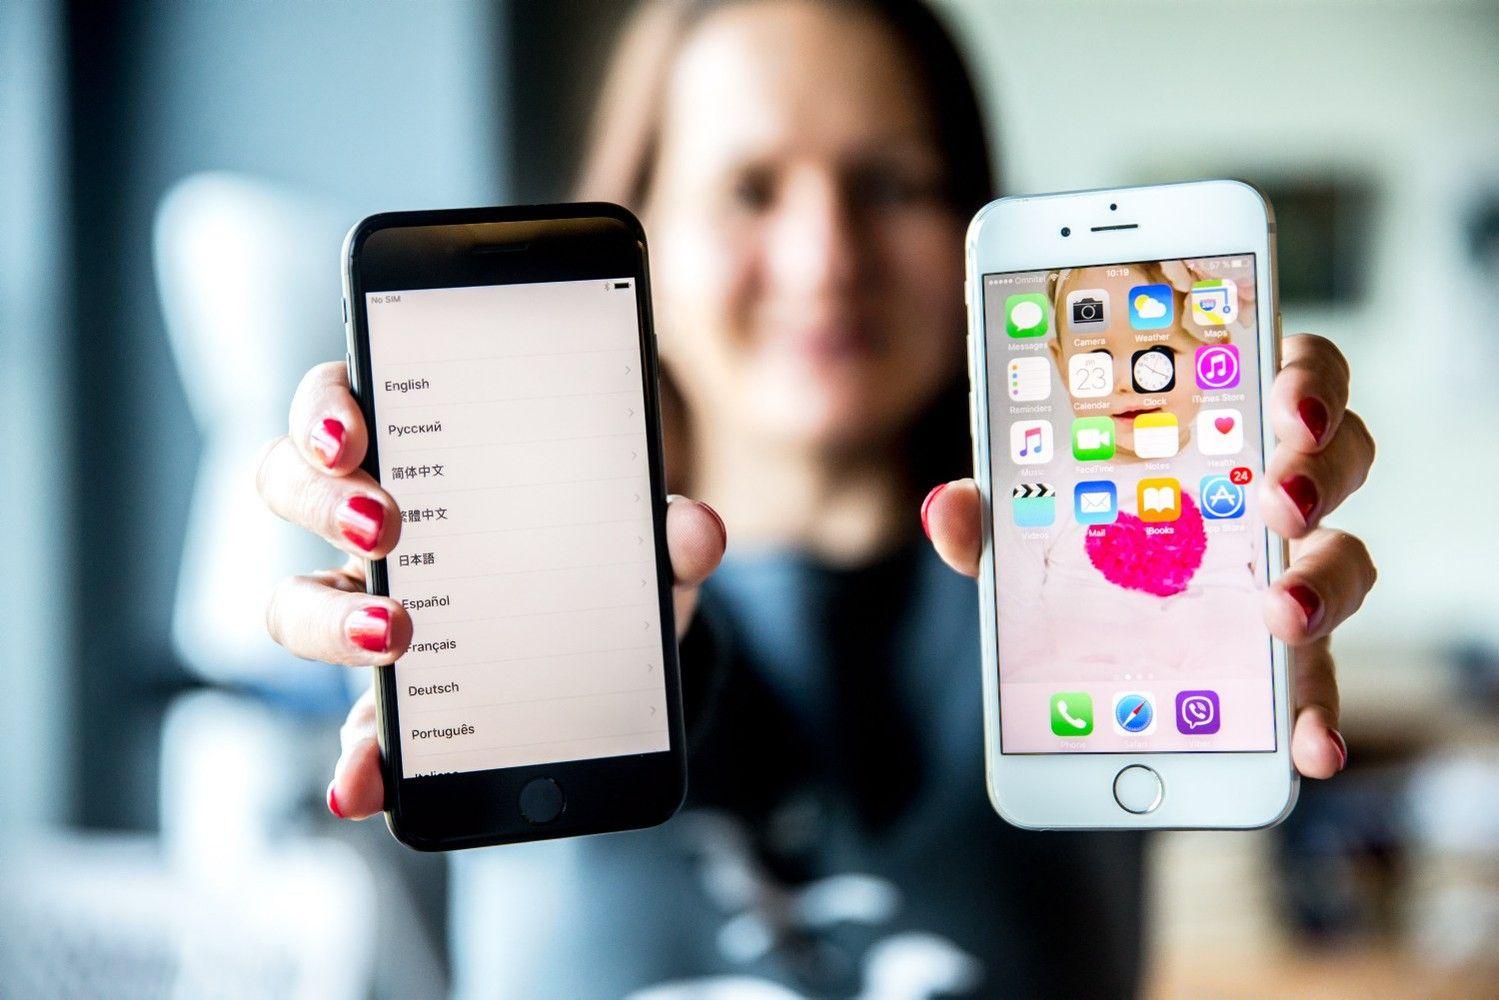 Lietuviai telefonų prekių ženklams nelojalūs